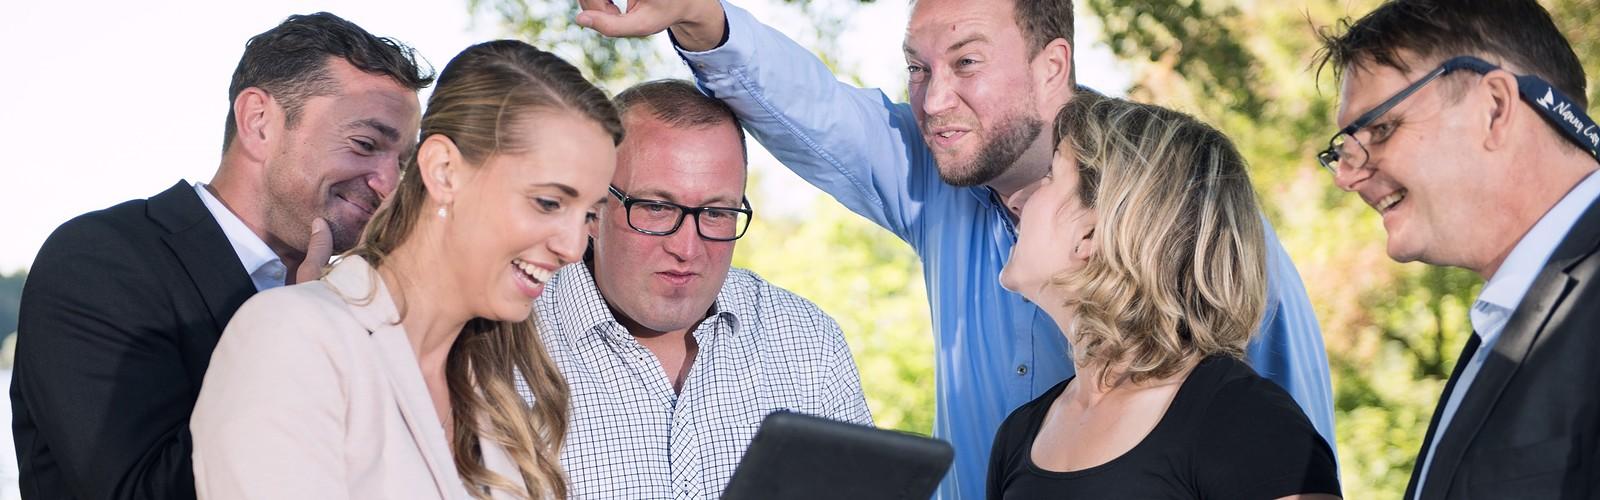 Teamgeist Tabtour , Foto: Teamgeist GmbH